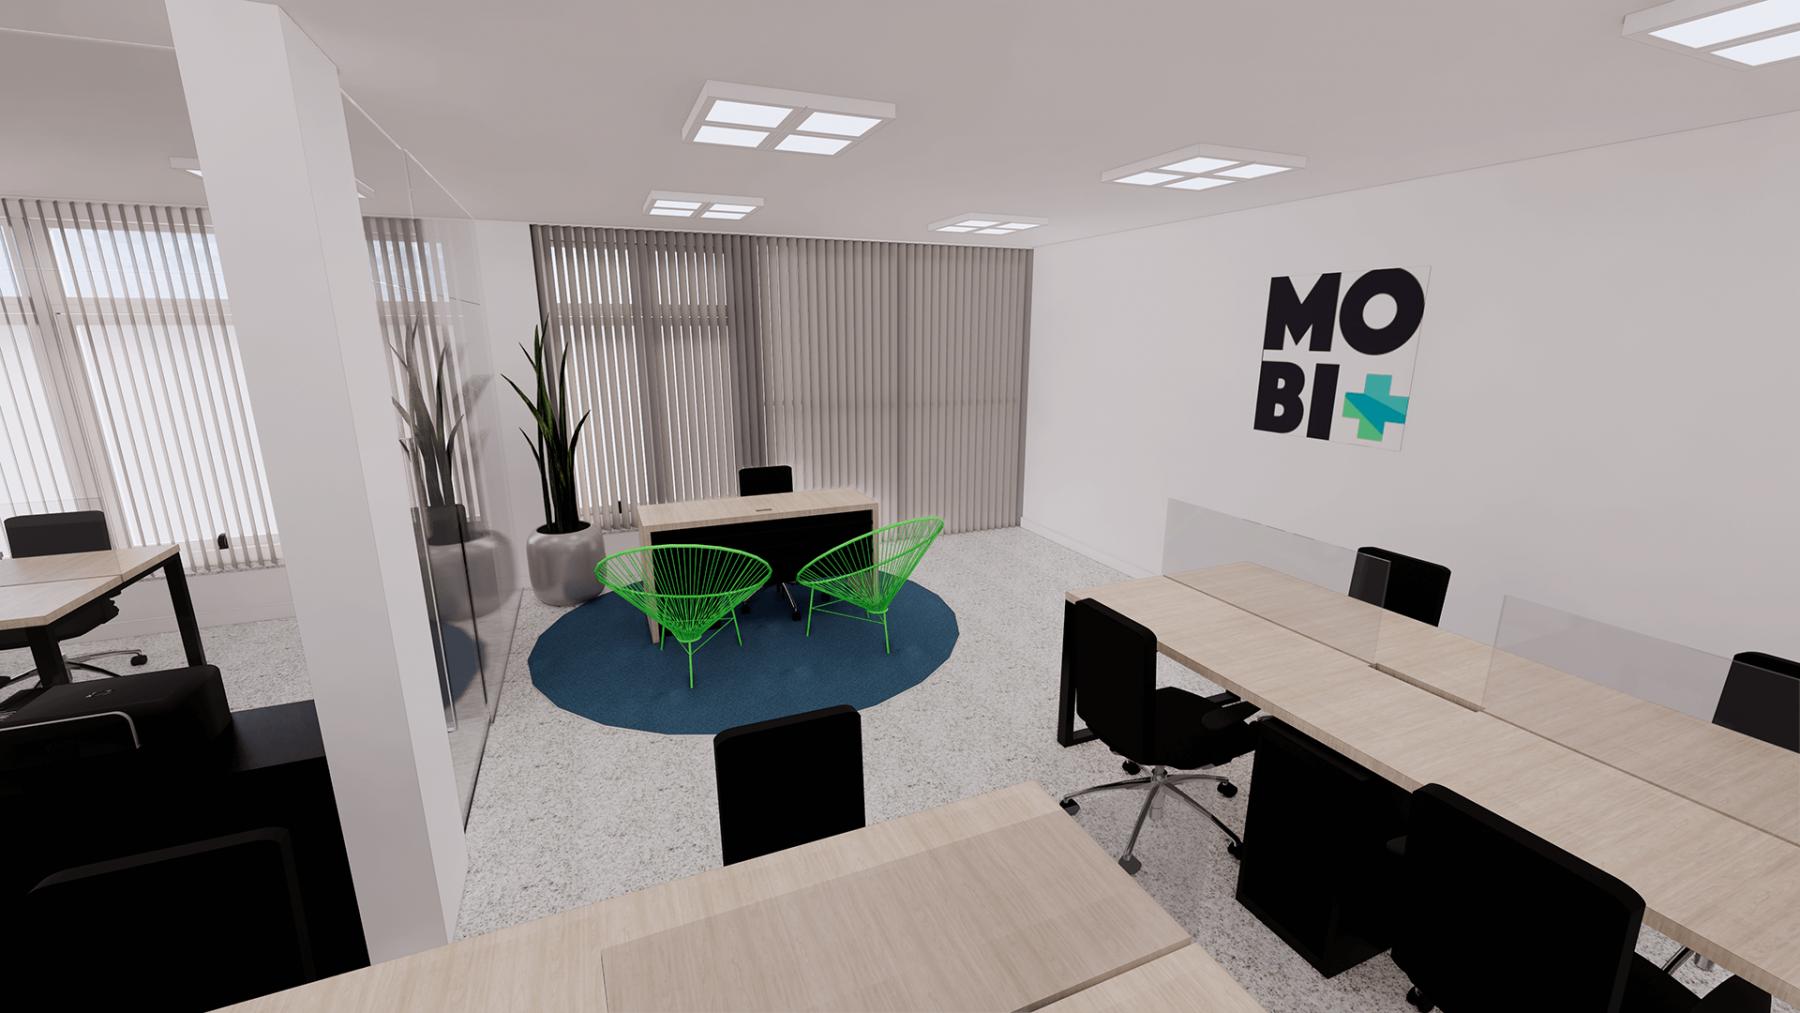 Mobi-6